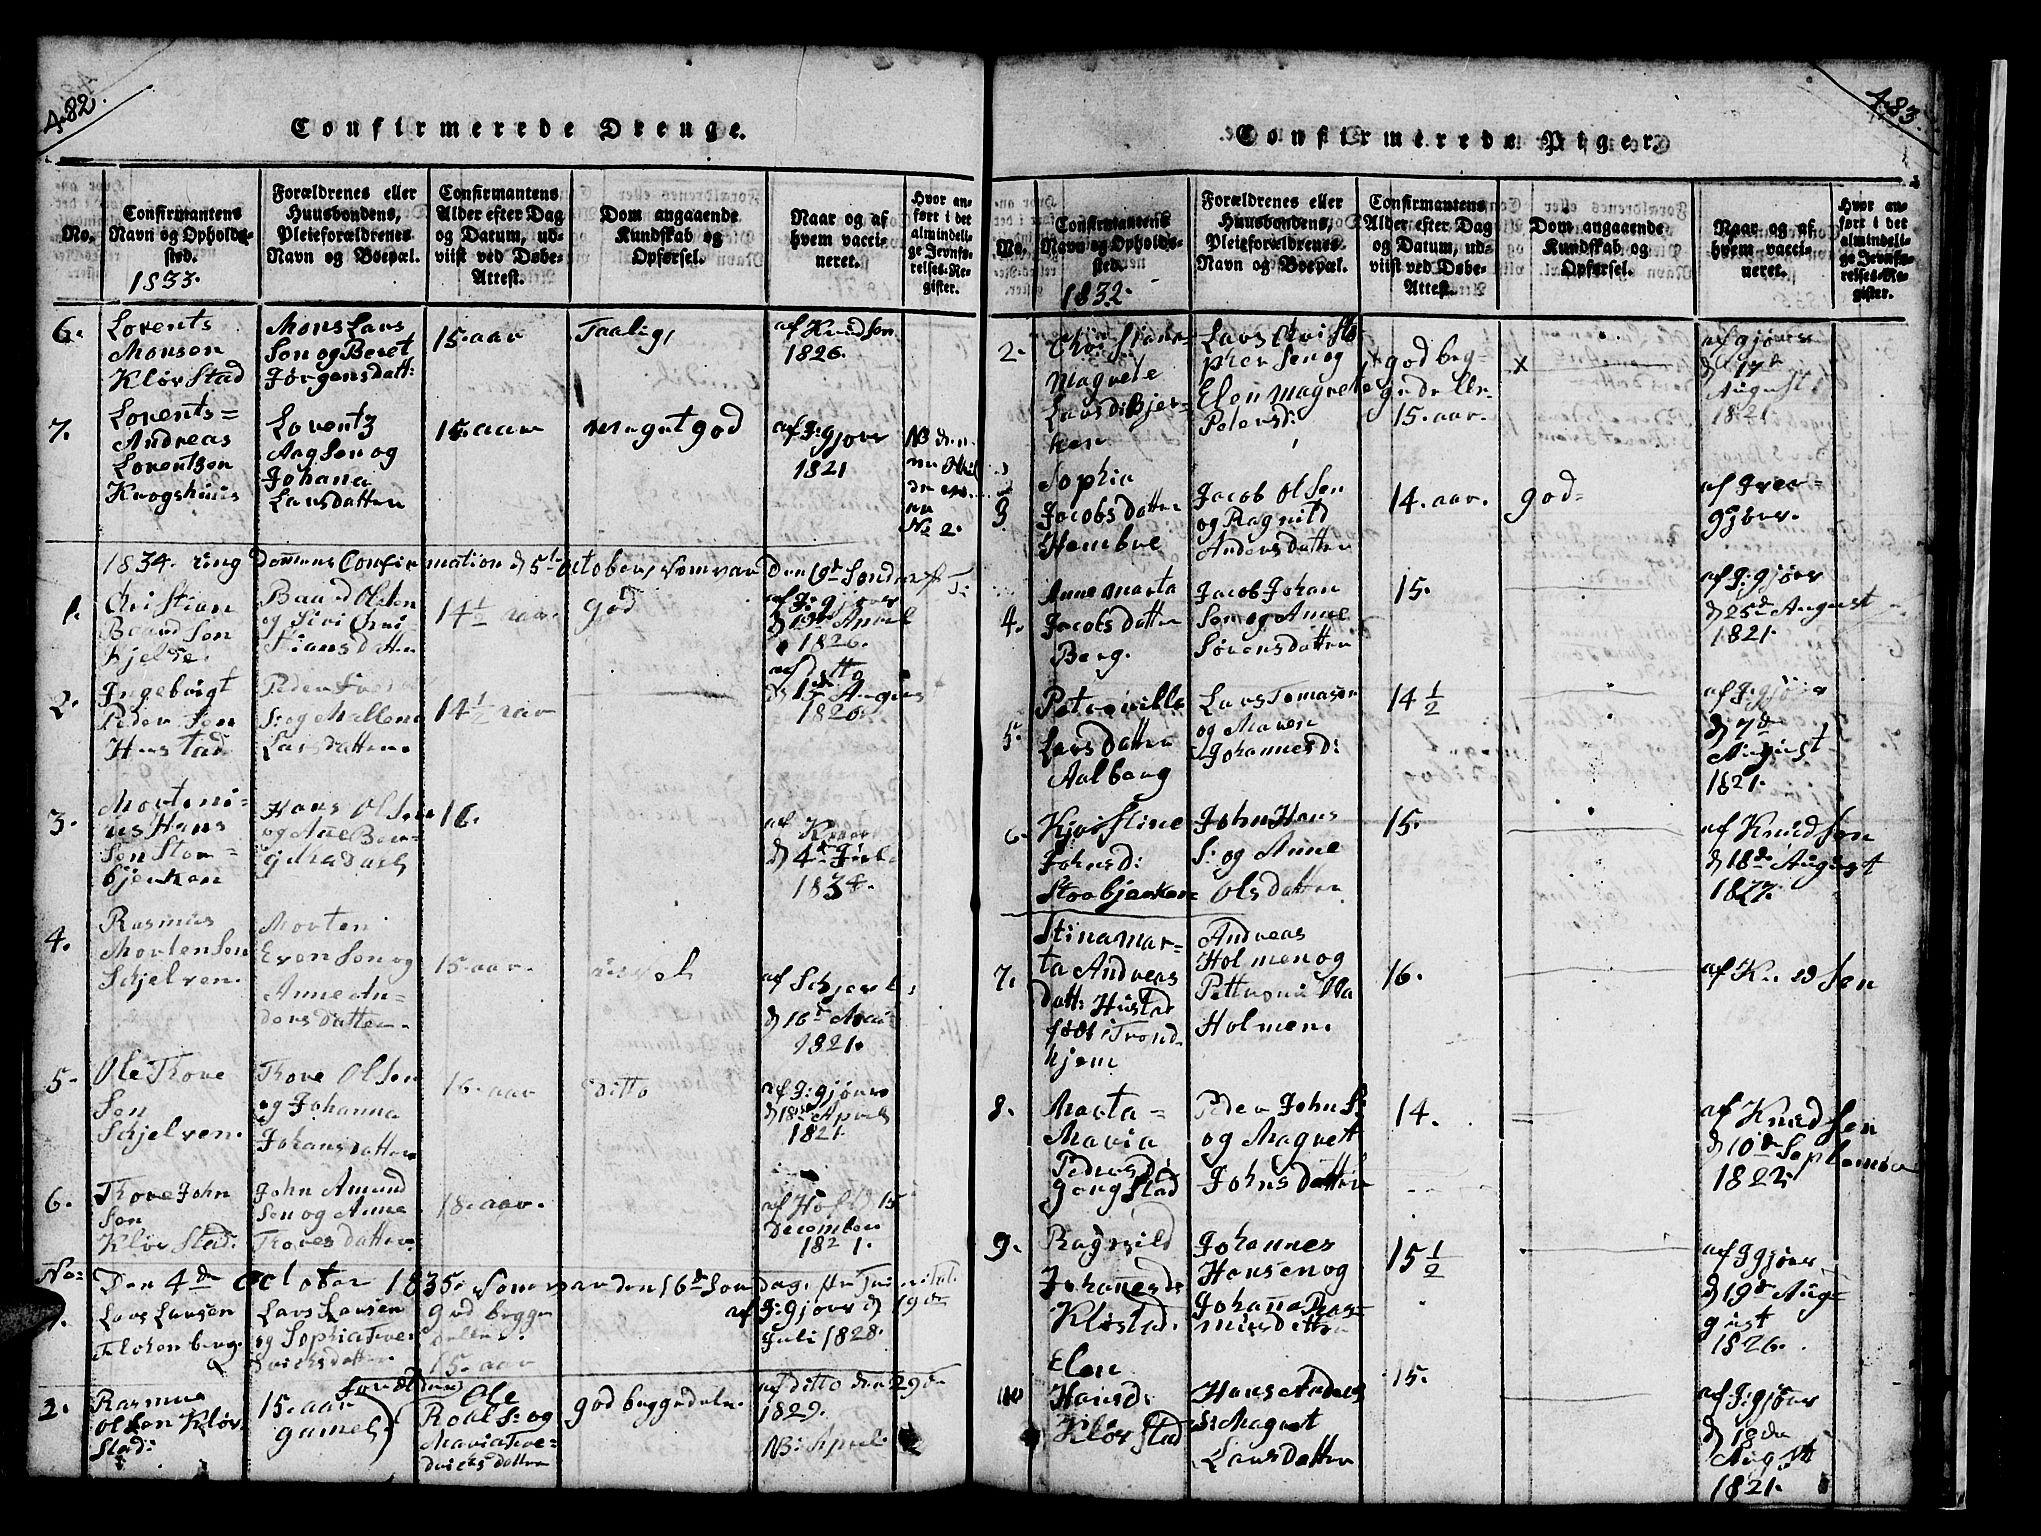 SAT, Ministerialprotokoller, klokkerbøker og fødselsregistre - Nord-Trøndelag, 732/L0317: Klokkerbok nr. 732C01, 1816-1881, s. 482-483